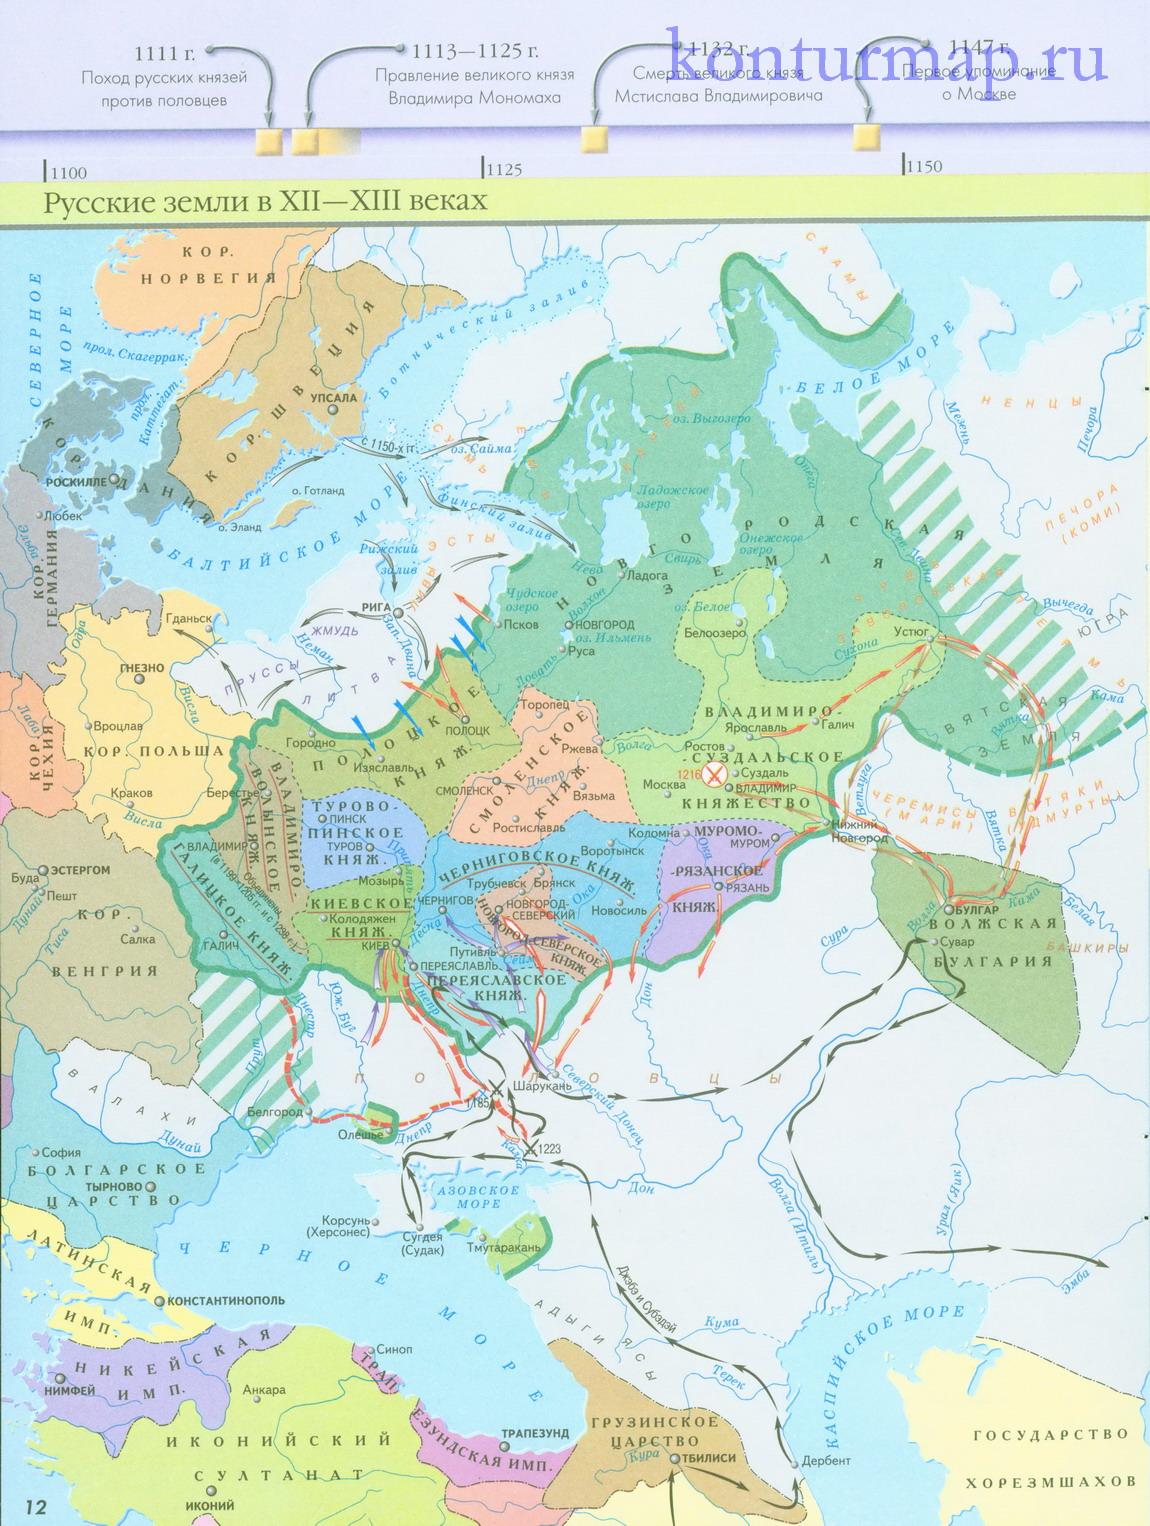 Контурные карты история россии 6 класс скачать бесплатно